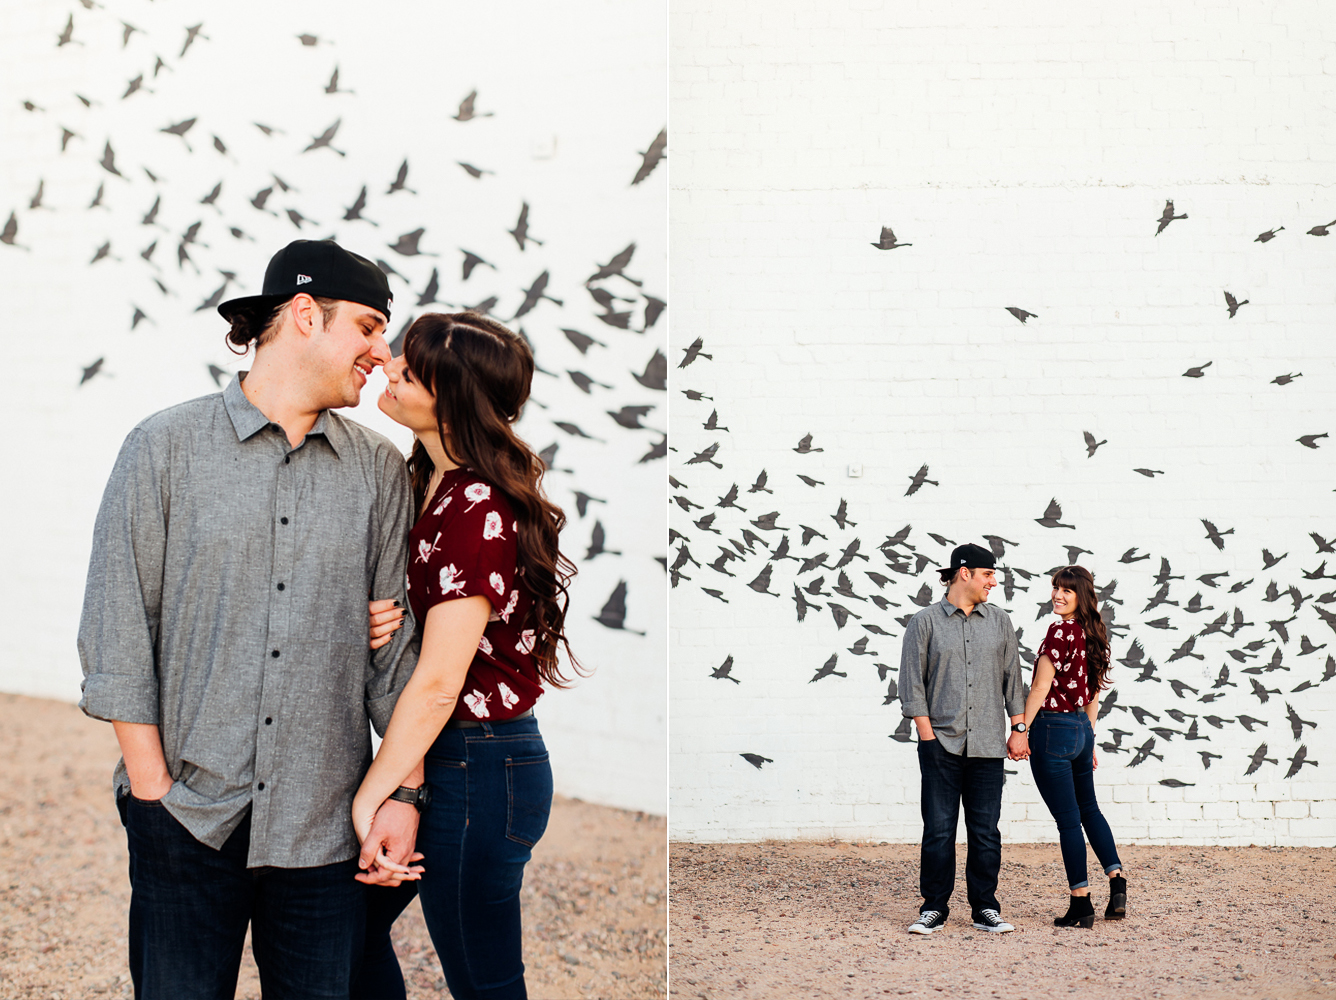 Downtown Phoenix engagement session - Best Phoenix Photographer-24.jpg